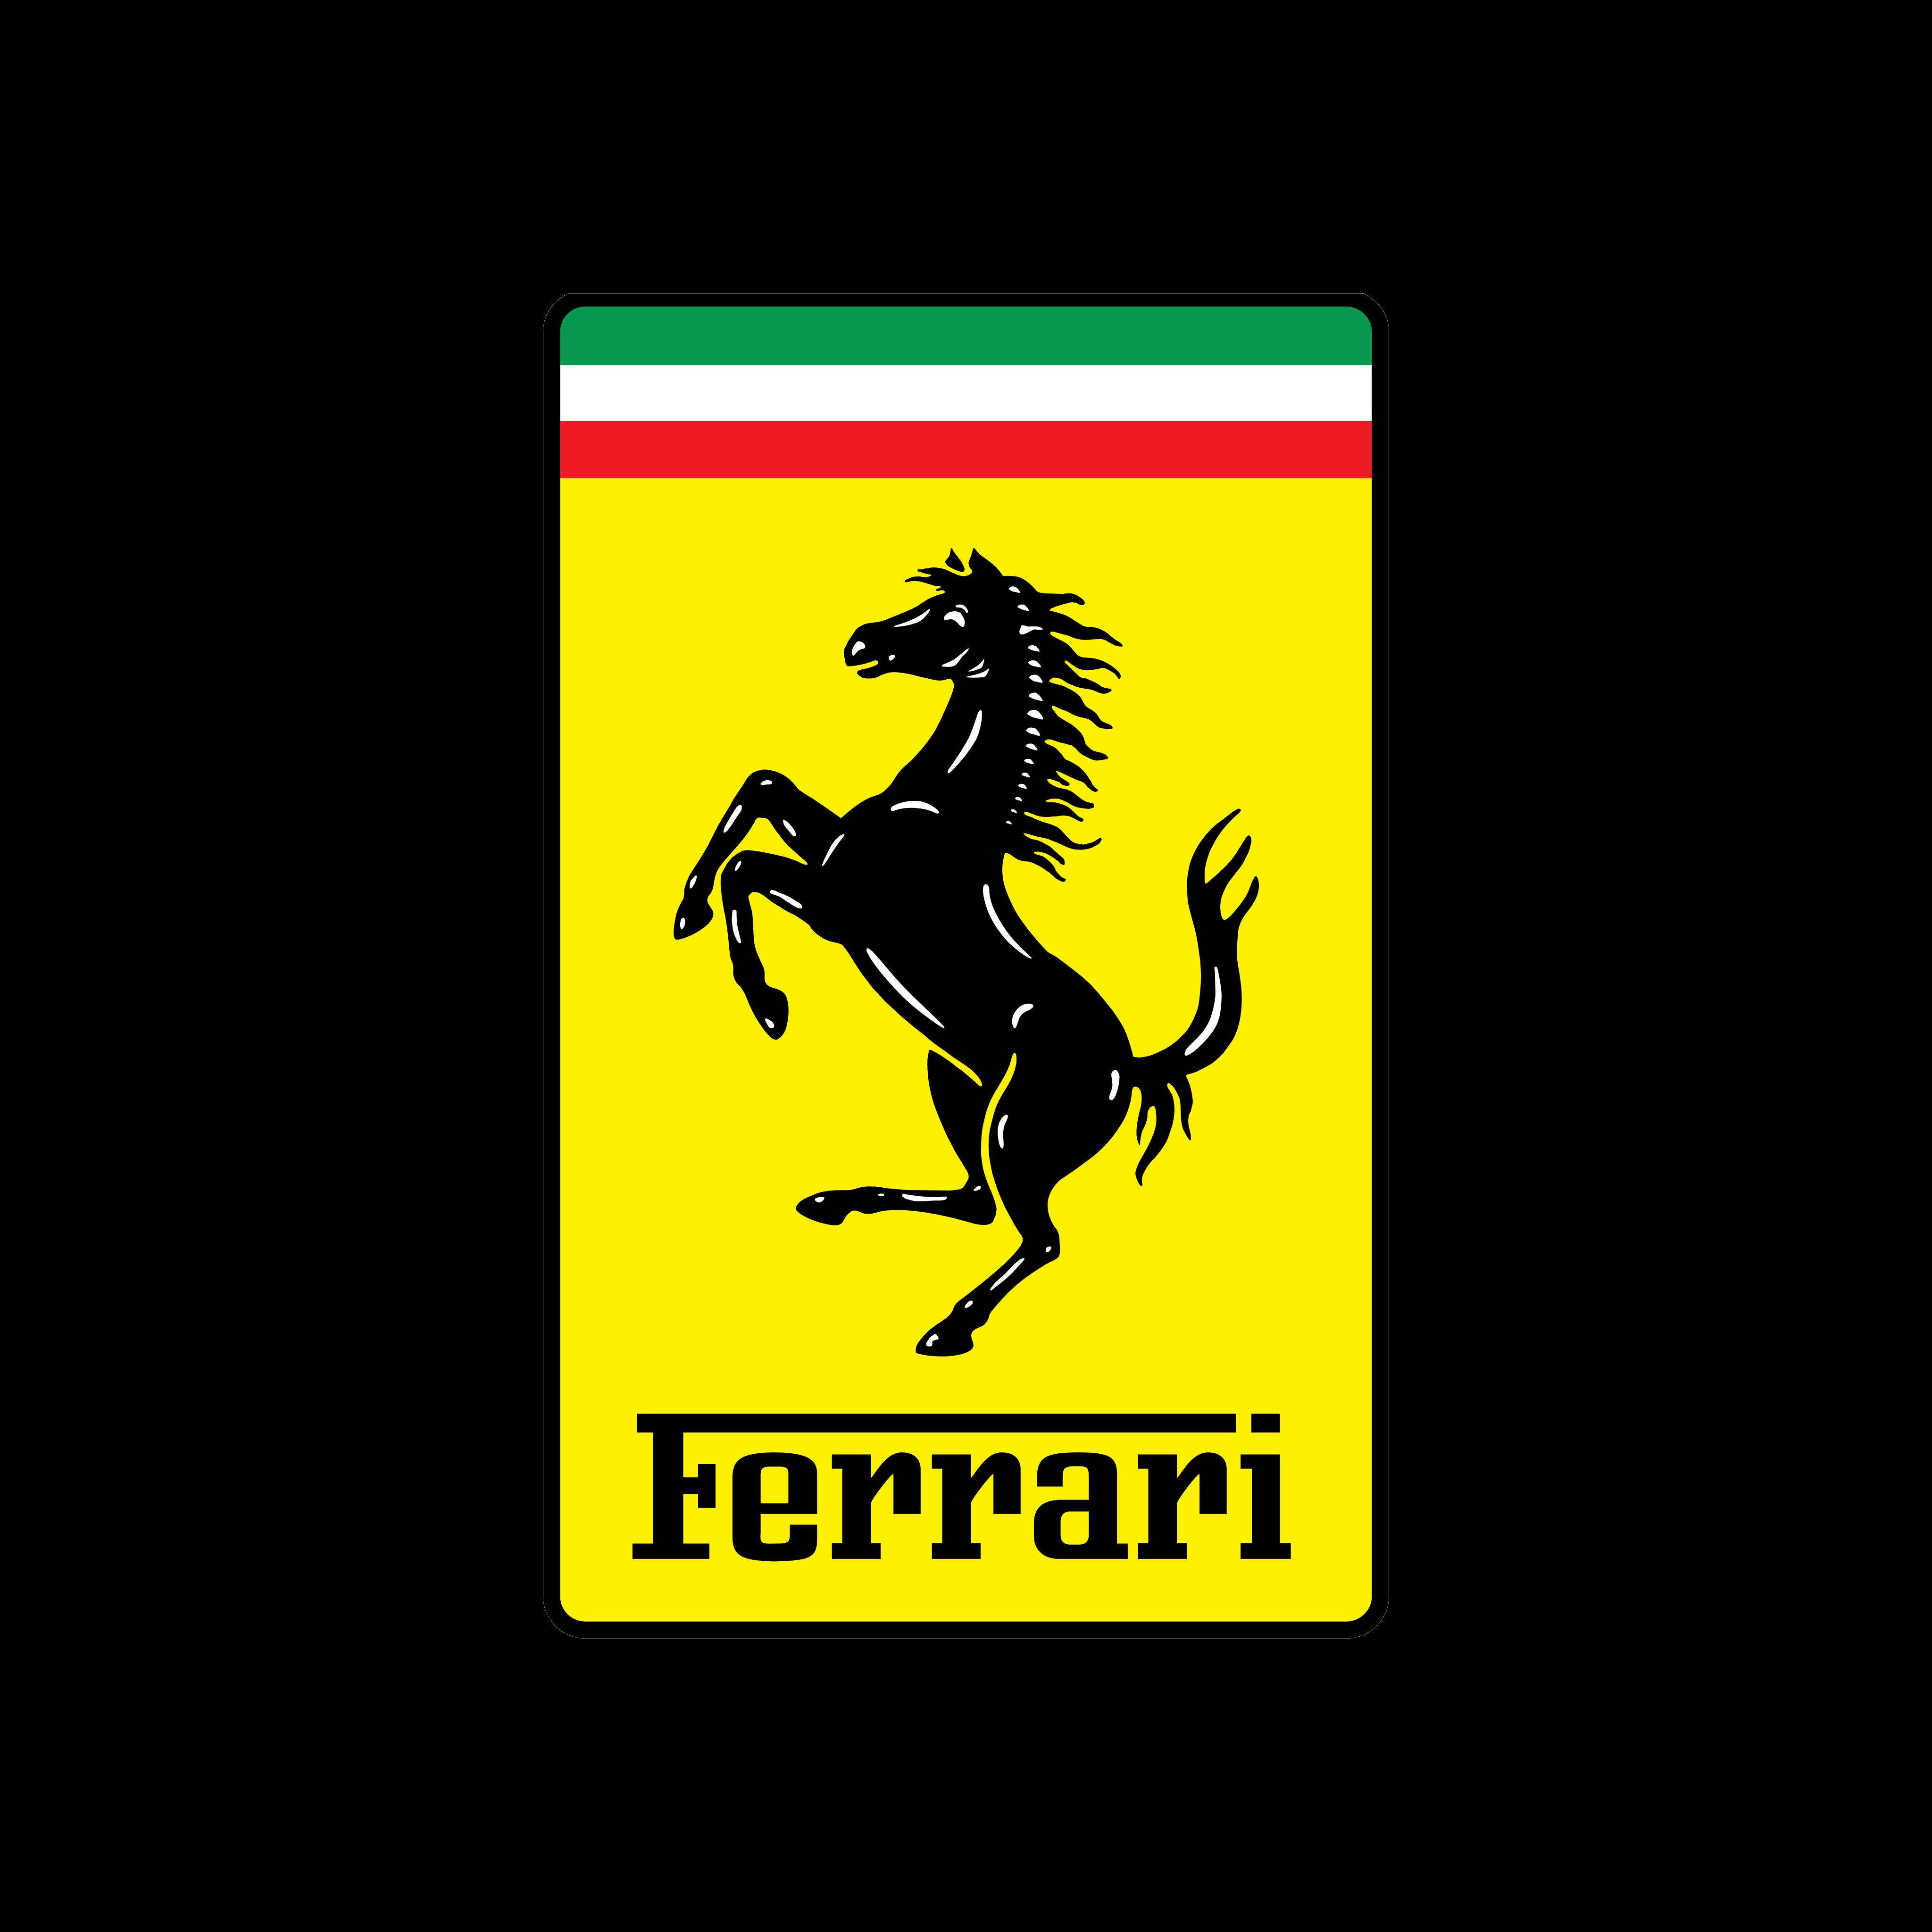 ferrari logo 0 - Ferrari Logo